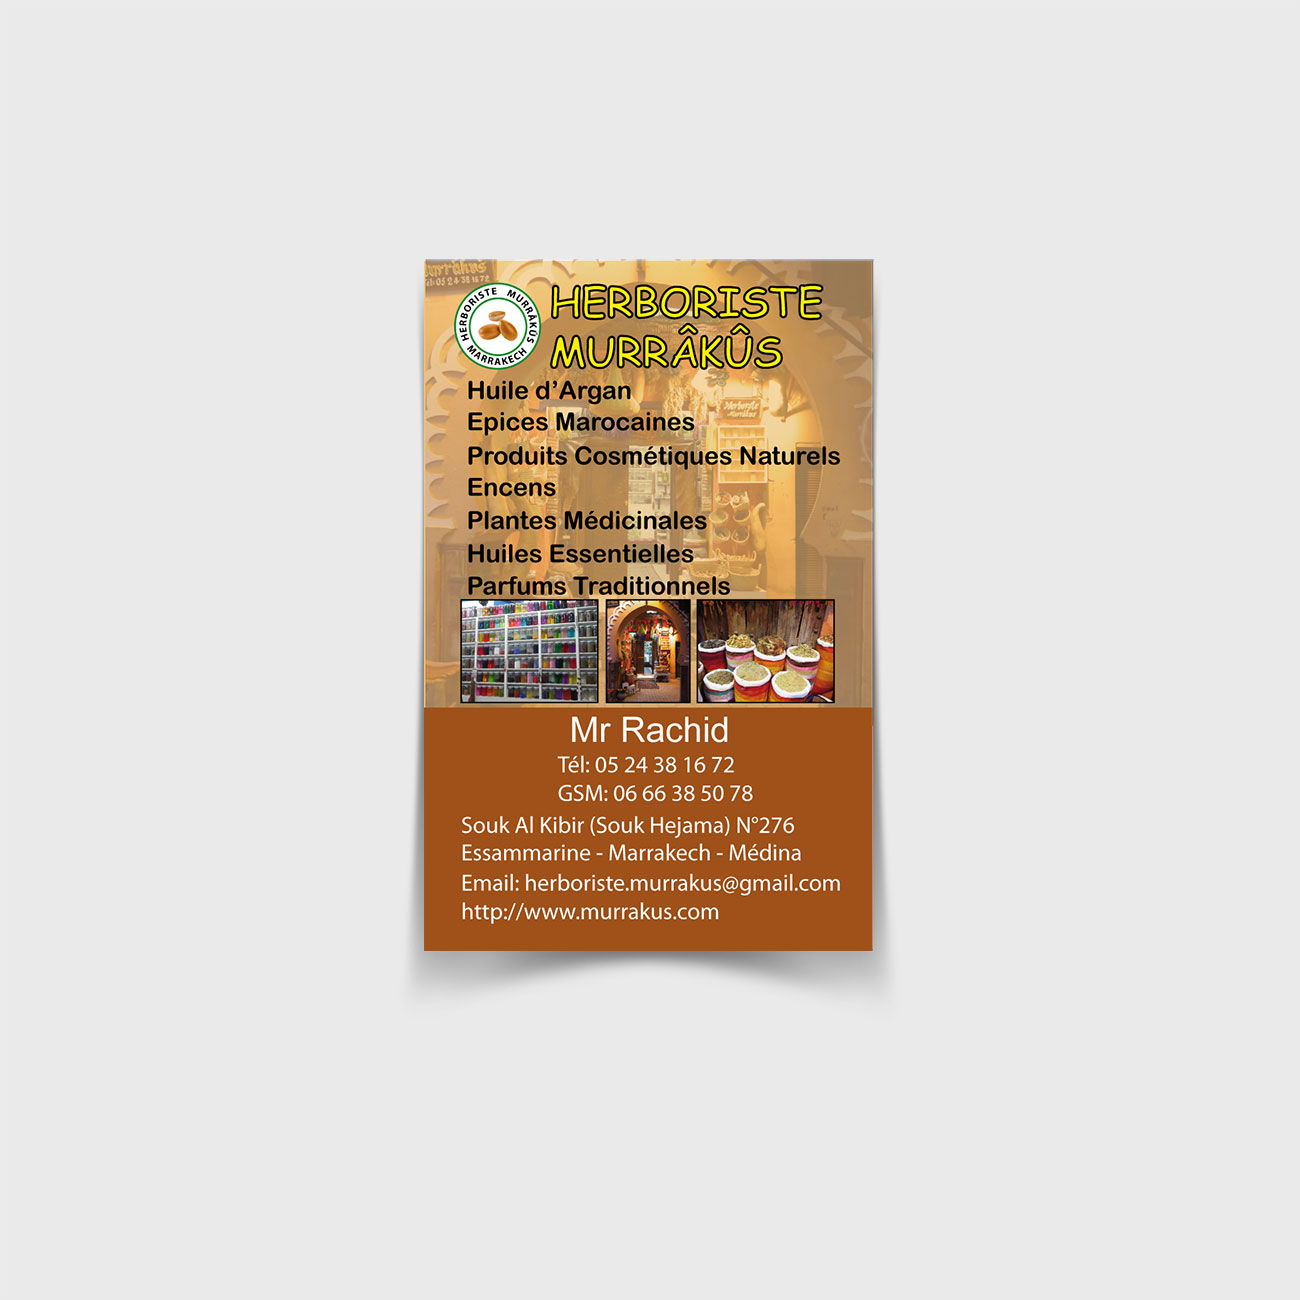 herboriste murrakus carte